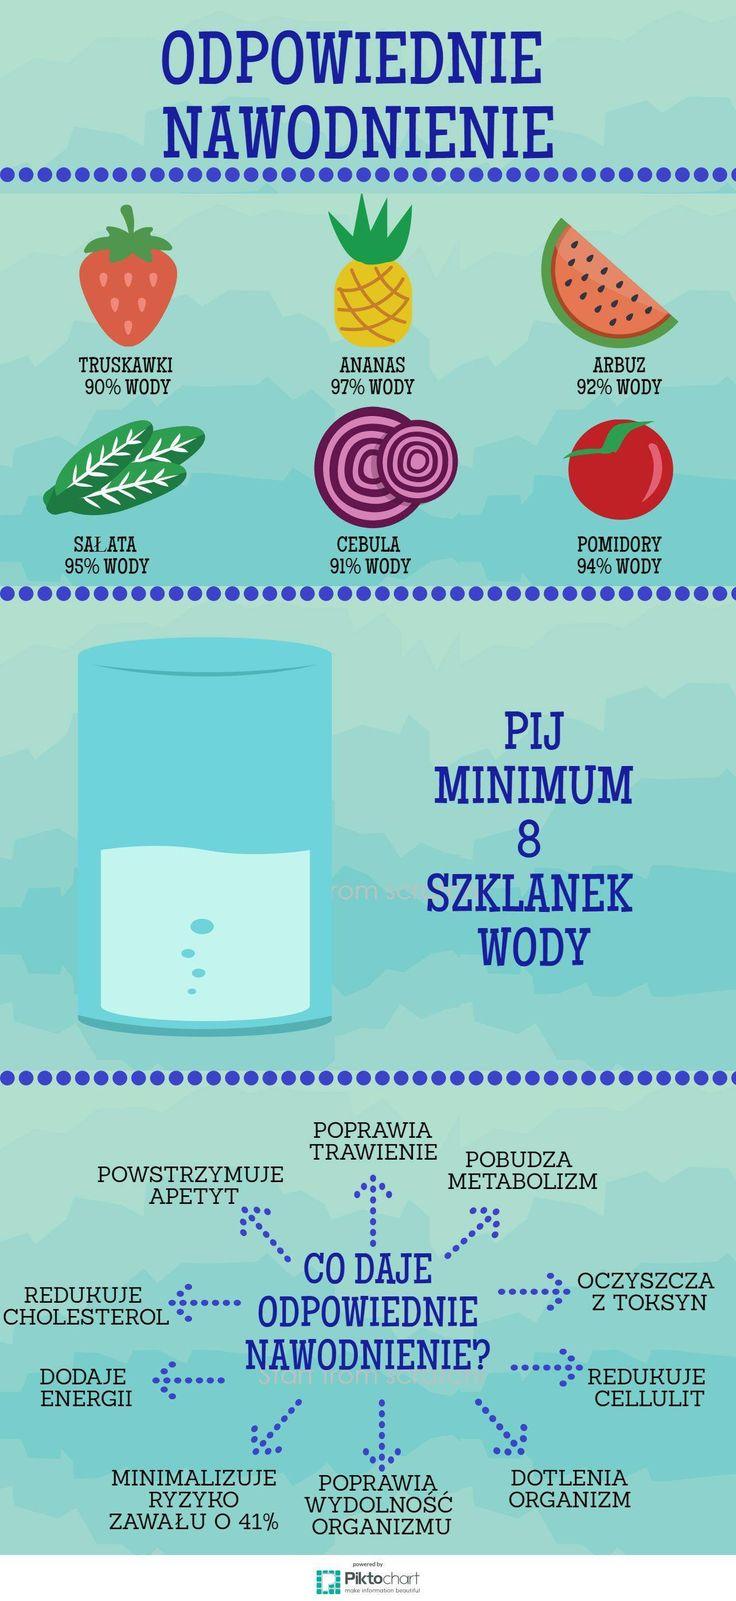 Pamiętajcie - prawidłowe nawodnienie, szczególnie latem, jest kluczowe do zachowania zdrowia, urody i zgrabnej sylwetki. Koniecznie pamiętajcie o wypijaniu większych ilości wody podczas wakacji!